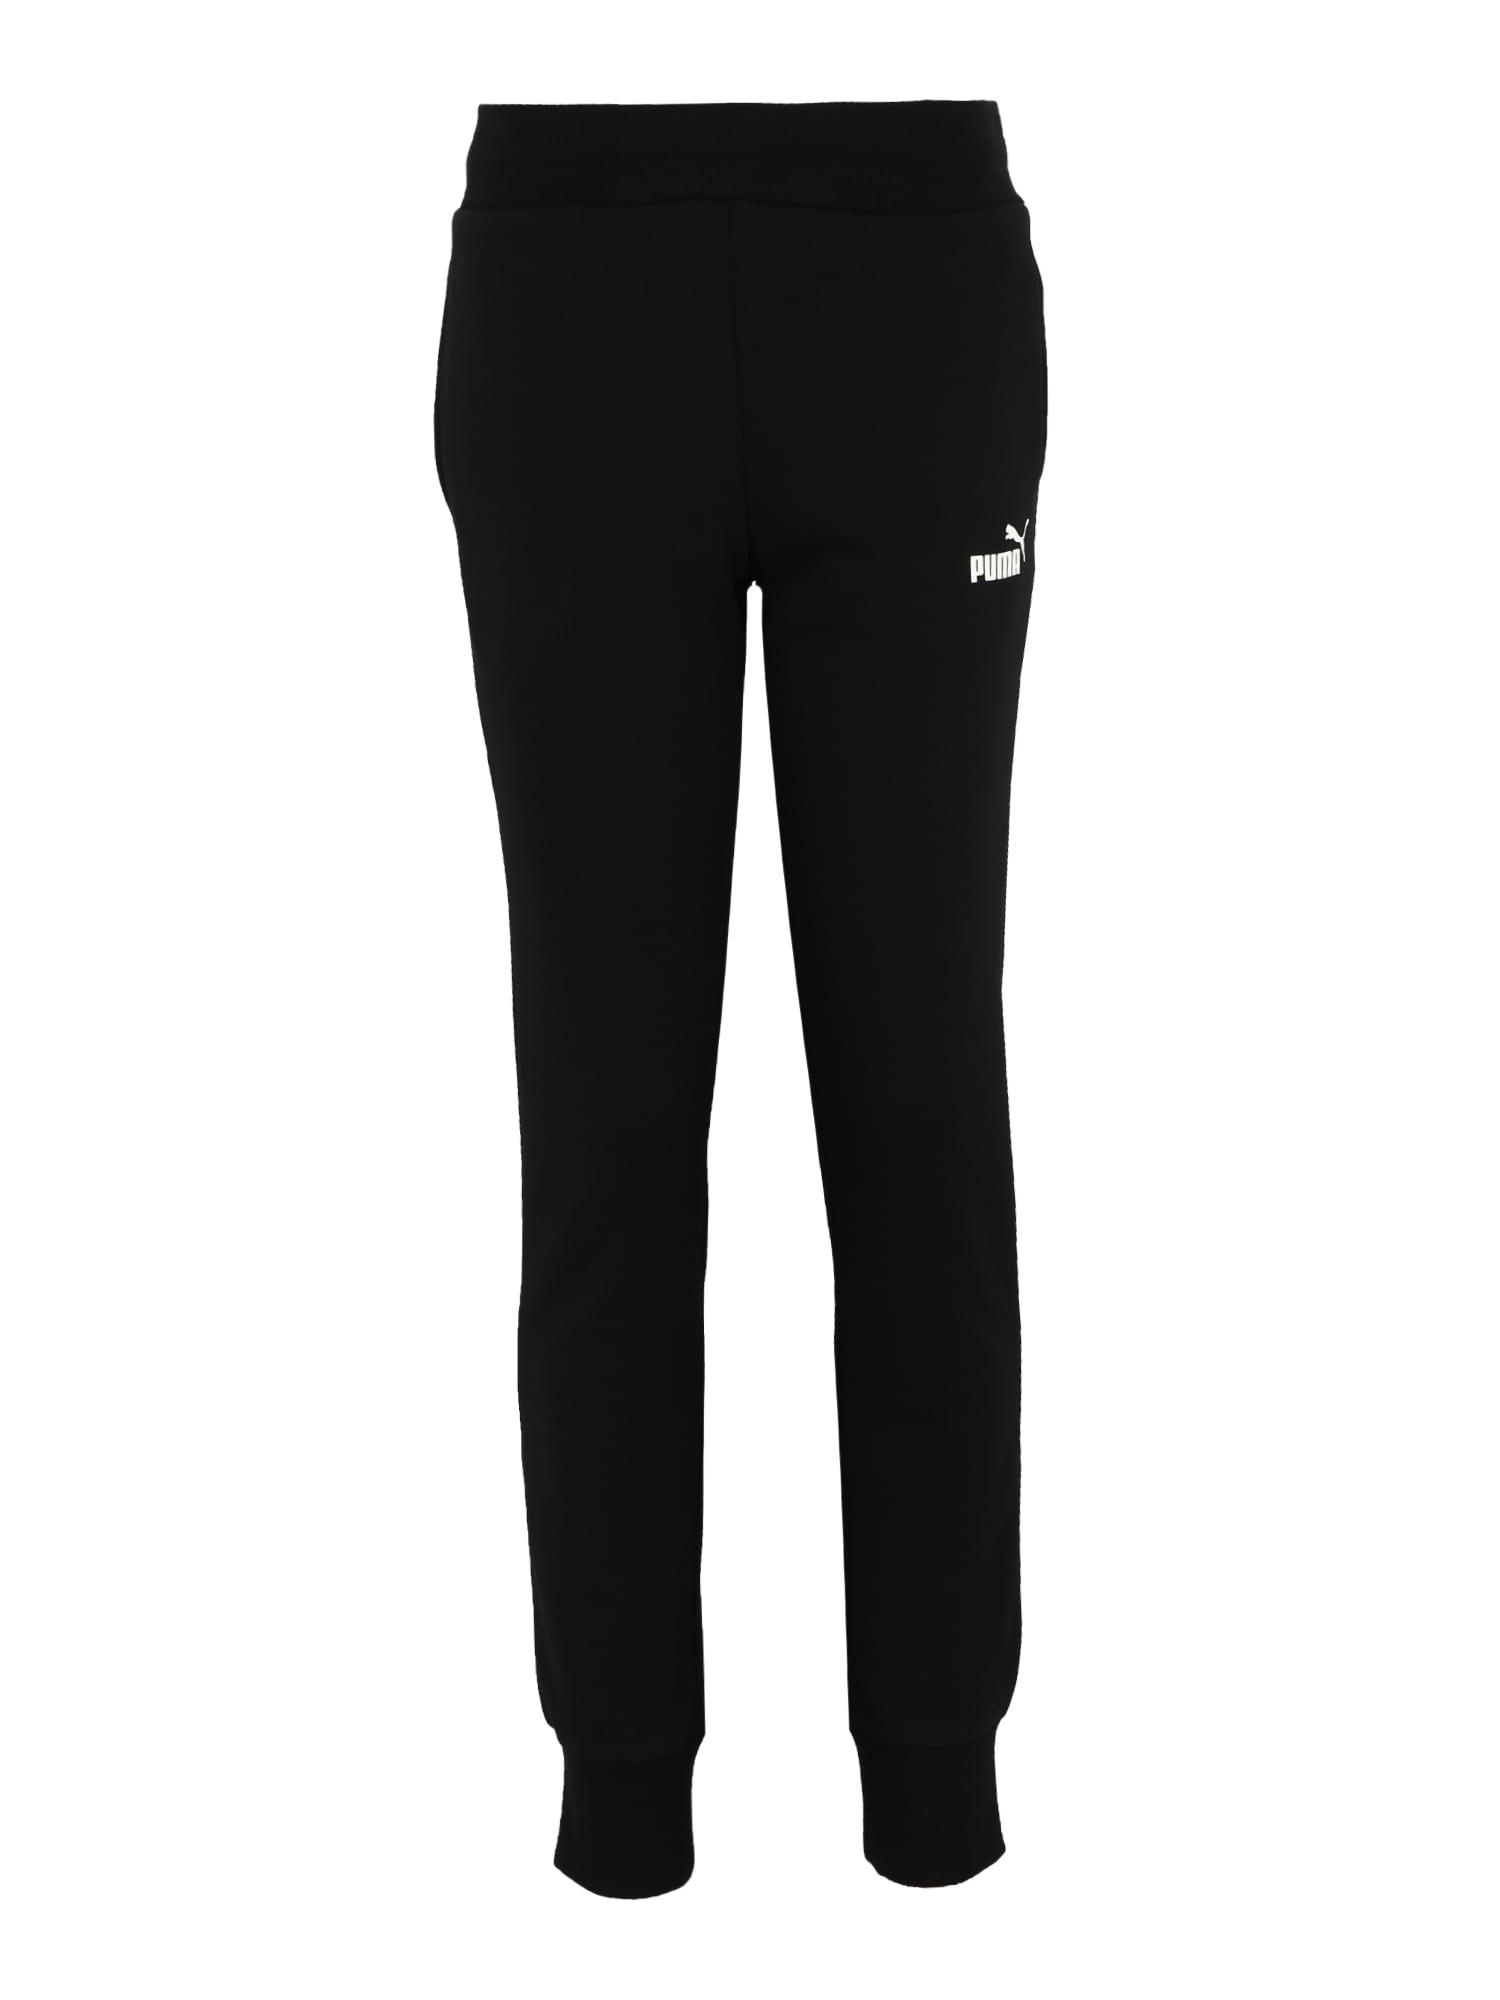 PUMA Sportinės kelnės juoda